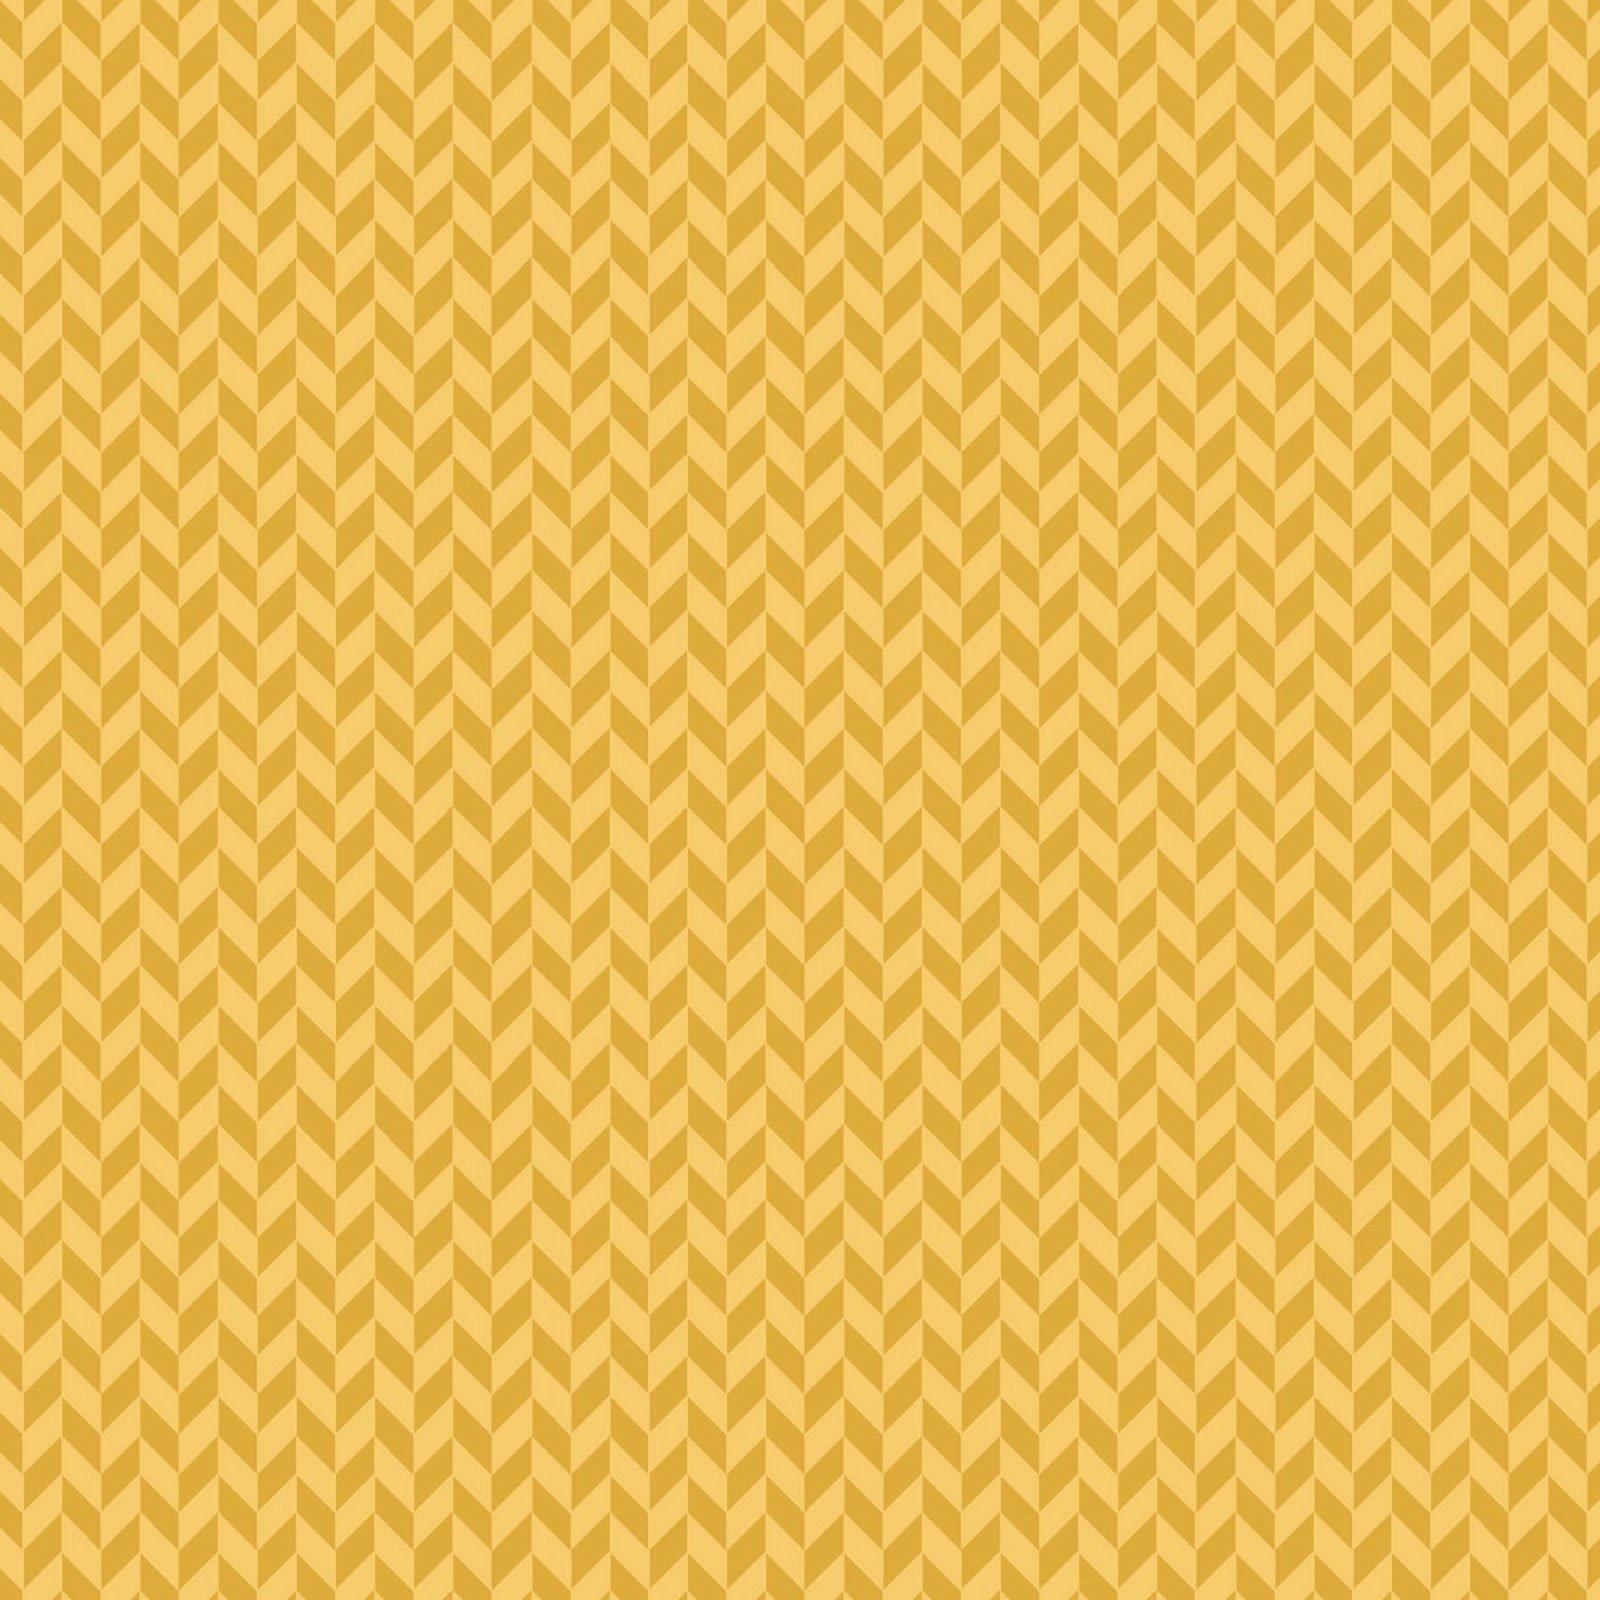 Kimberbell Basics Herringbone Texture Sunshine MAS9397-S